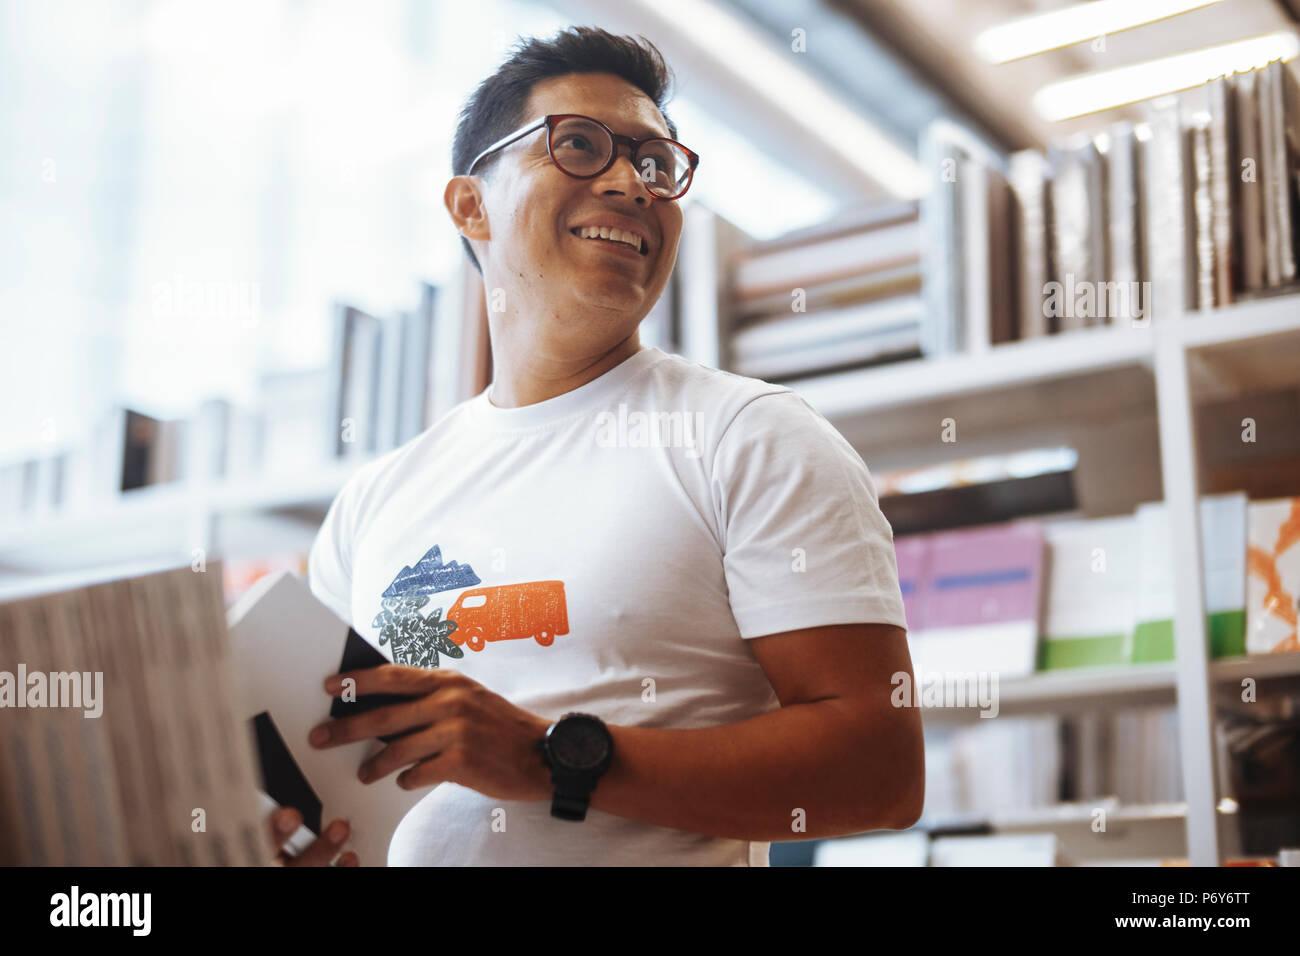 Junge glückliche Menschen lesen und beiseite, die in einem hellen, modernen Book Store. Stockbild